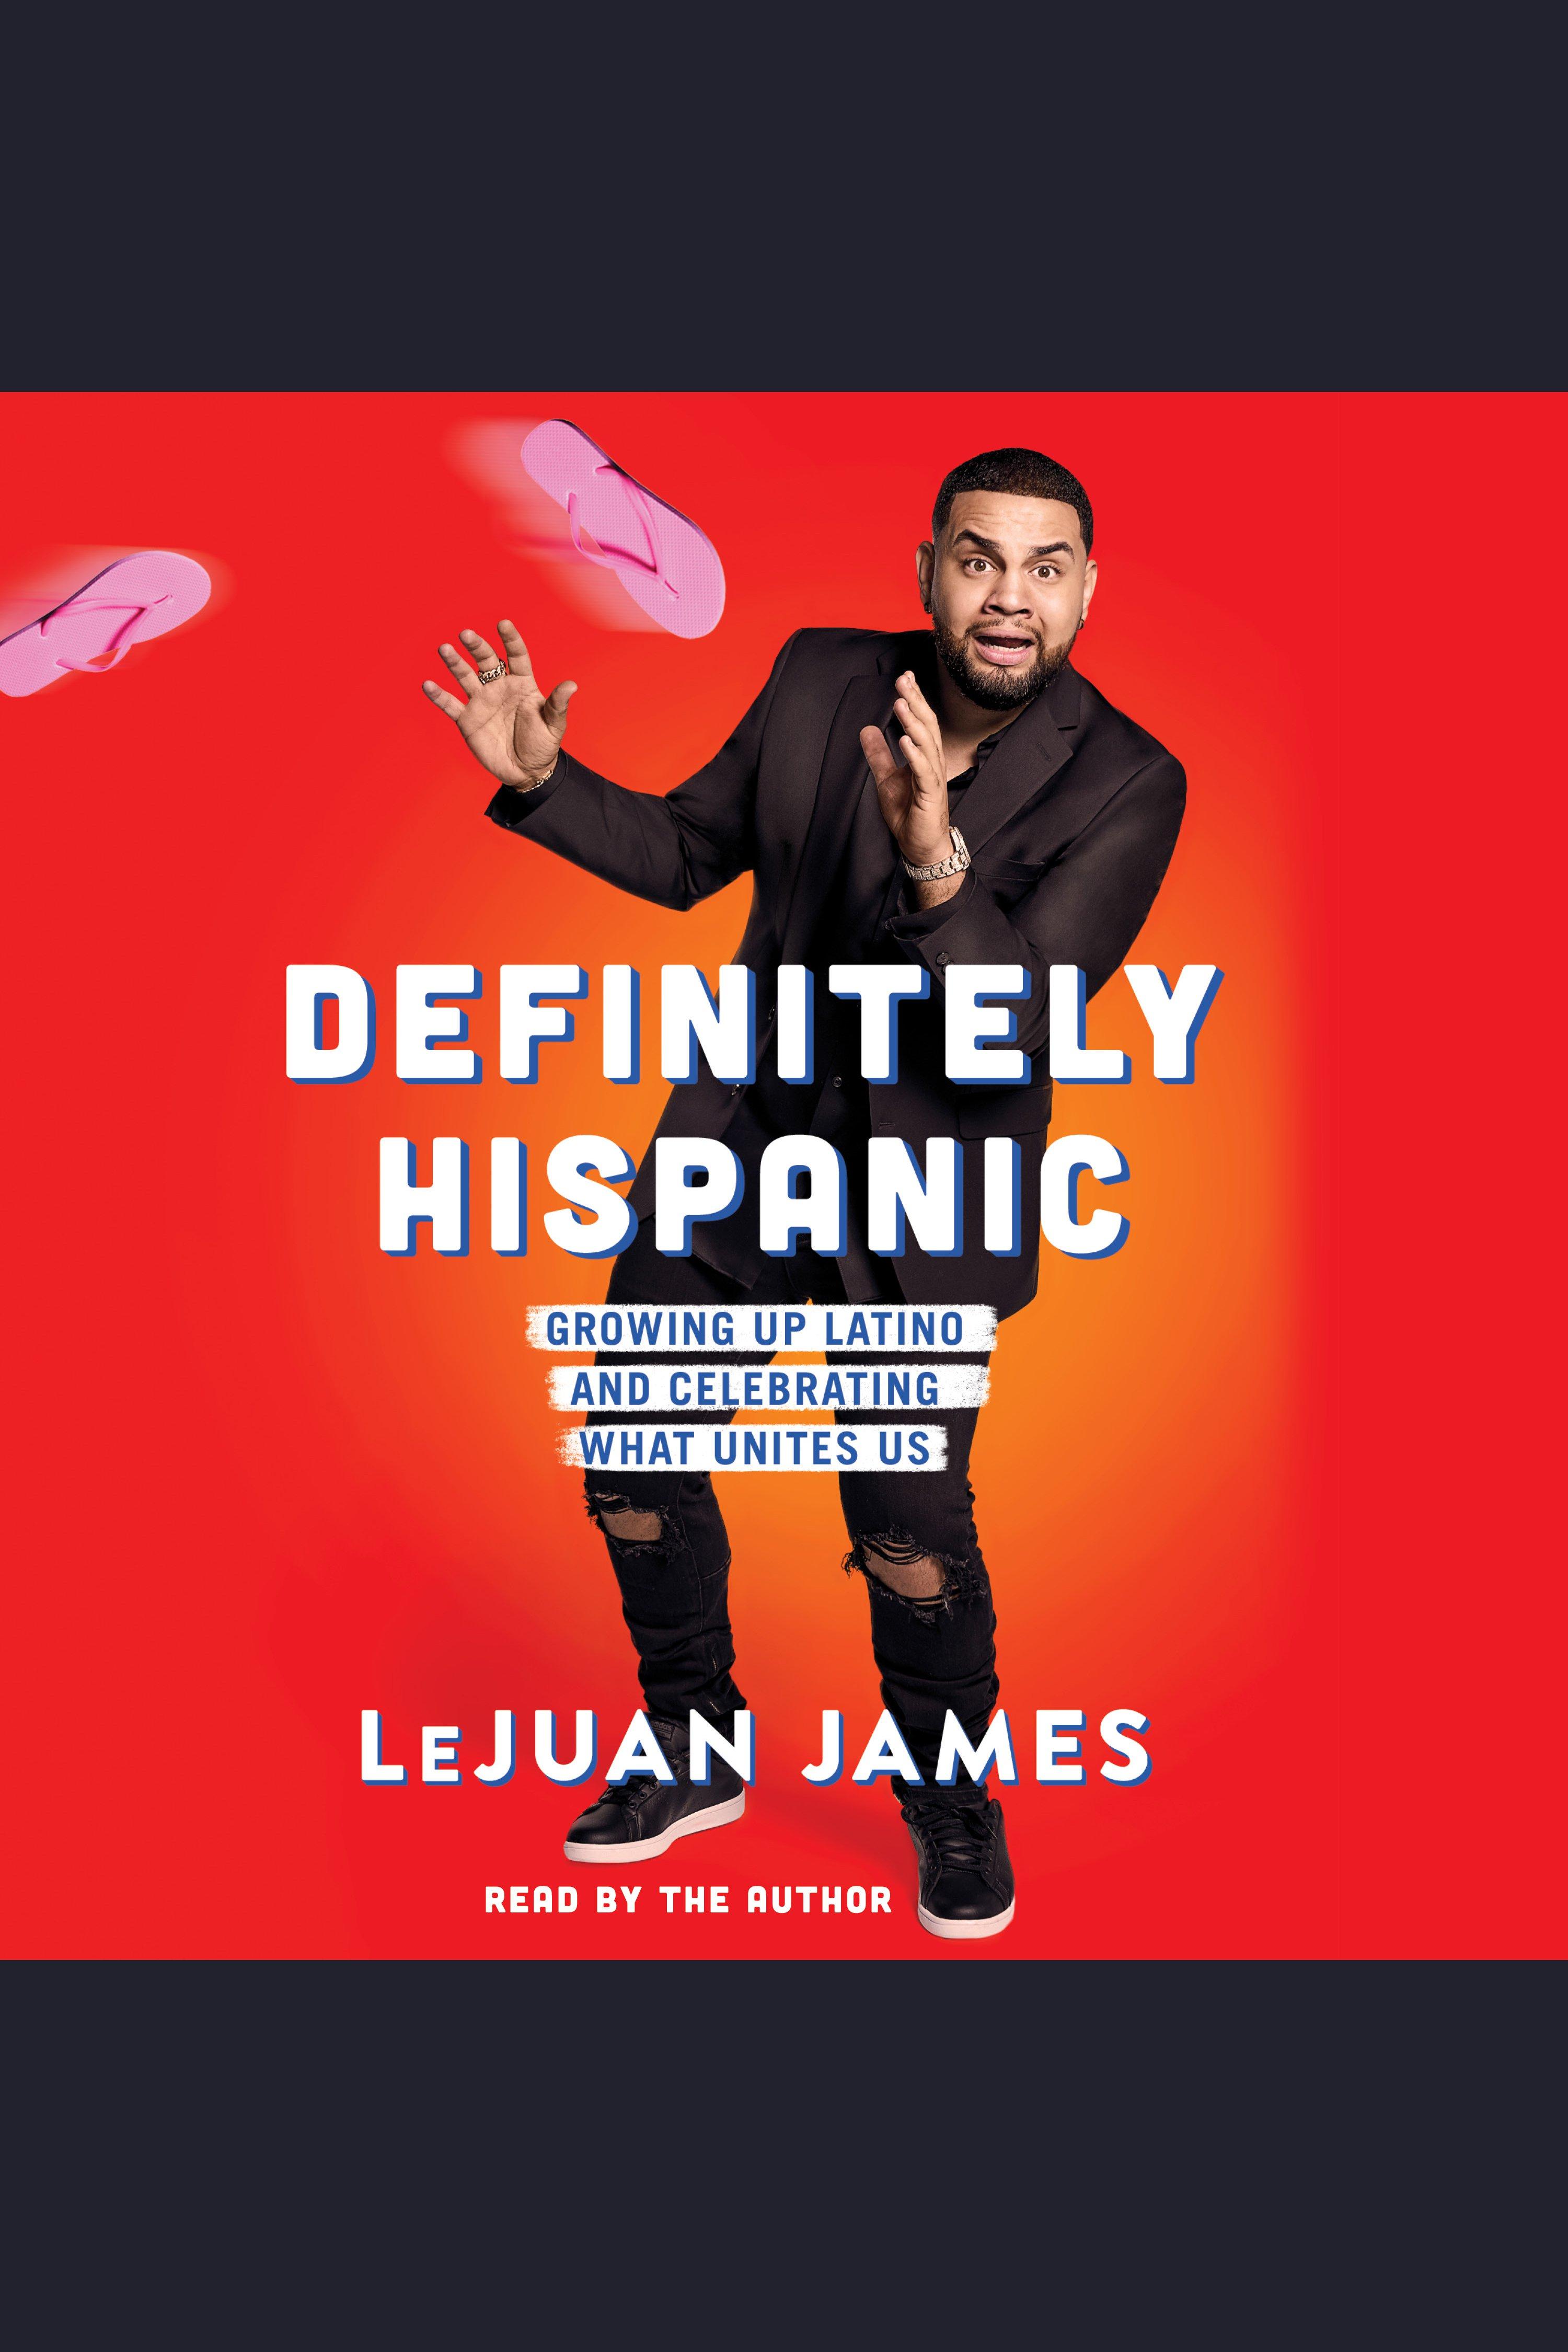 Definitely Hispanic Essays on Growing Up Latino and Celebrating What Unites Us